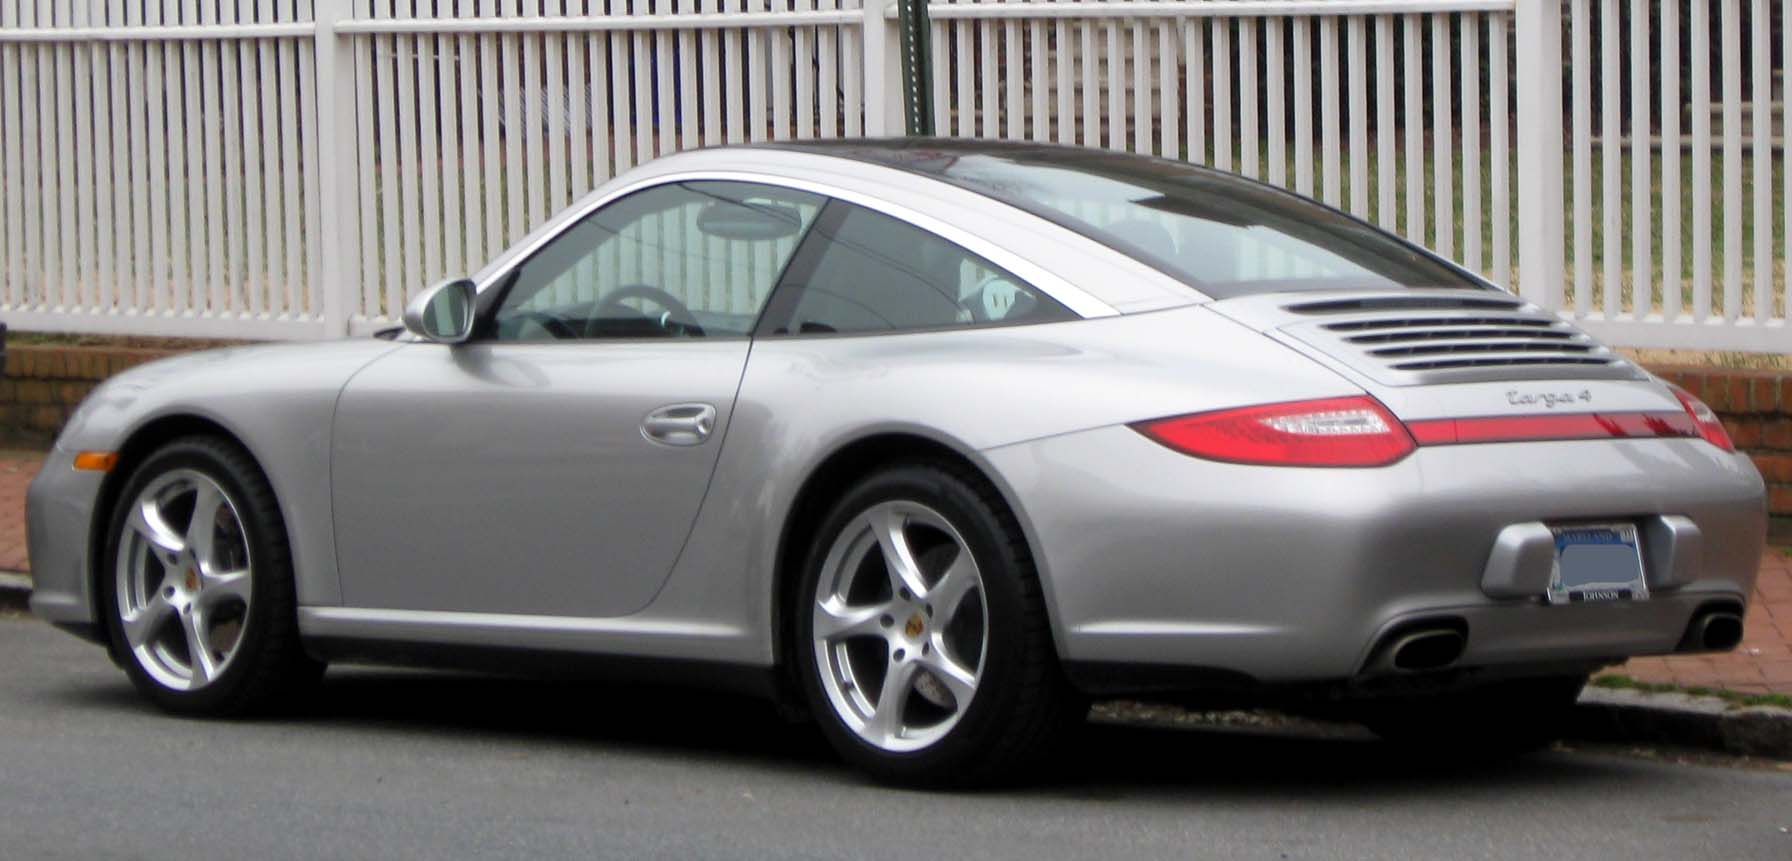 File Porsche 911 Targa 4 Rear 03 11 2010 Jpg